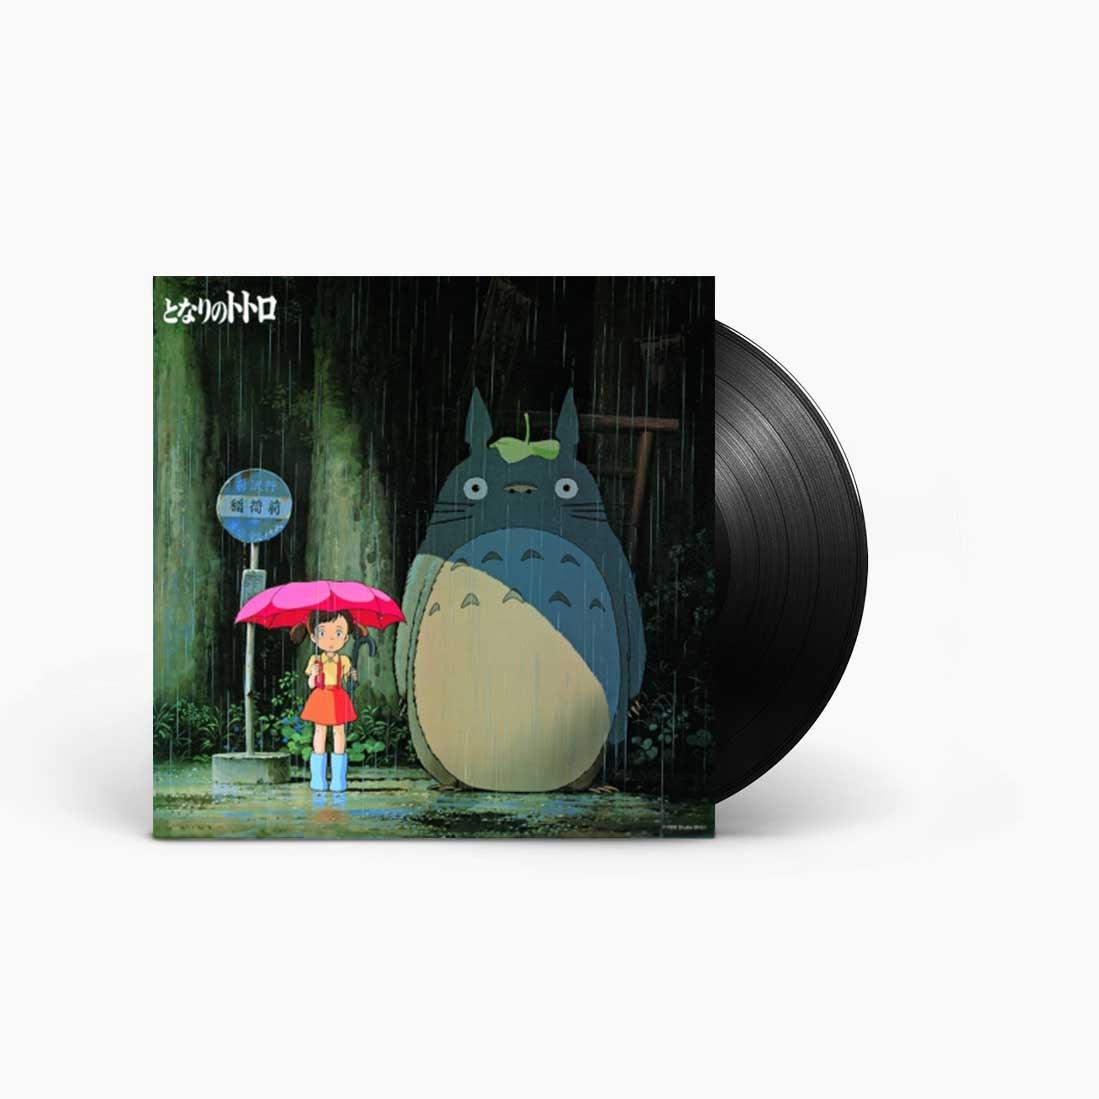 unun-Joe-Hisaish-vinyl-cover_t-3.jpg